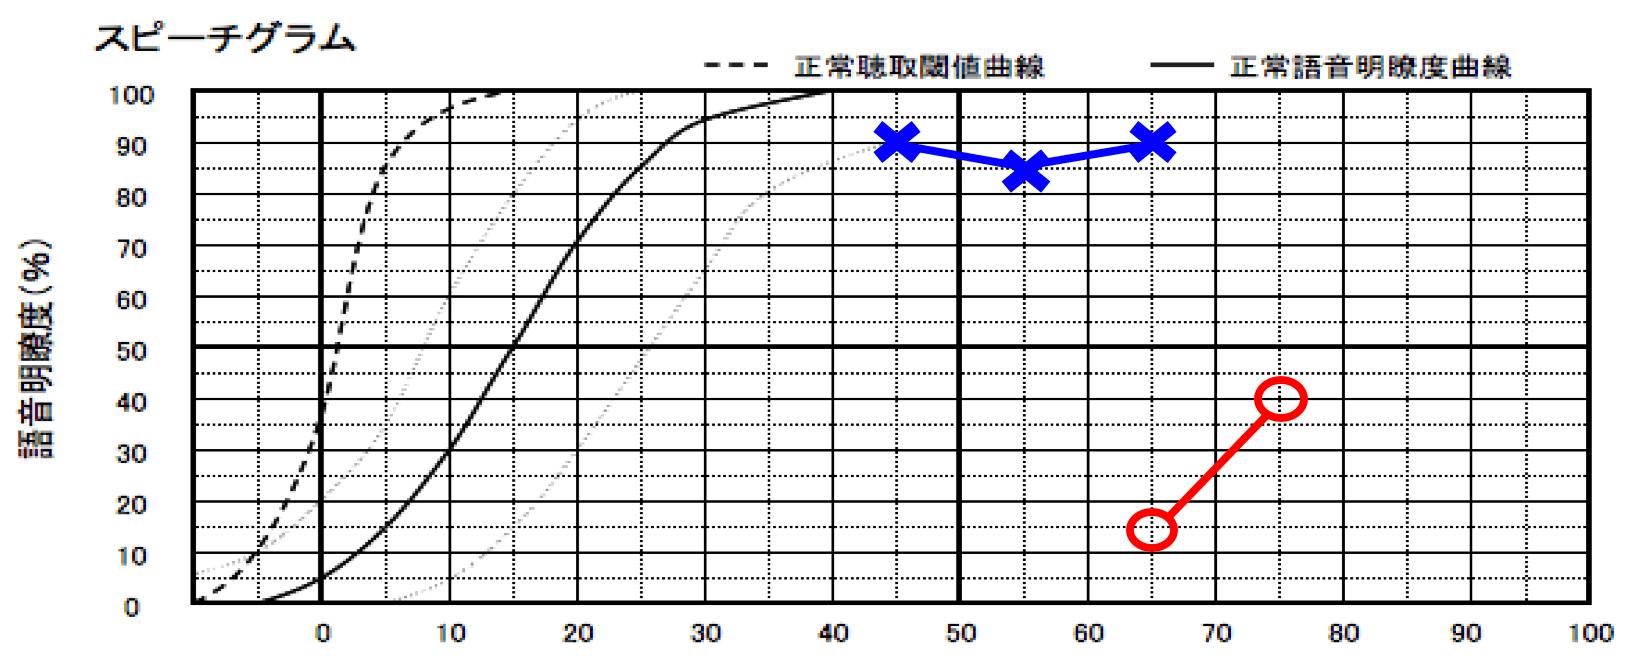 実際に語音明瞭度測定を行った結果。右側は、音を大きくしても音声が聞き取りにくい状態であることがわかった。